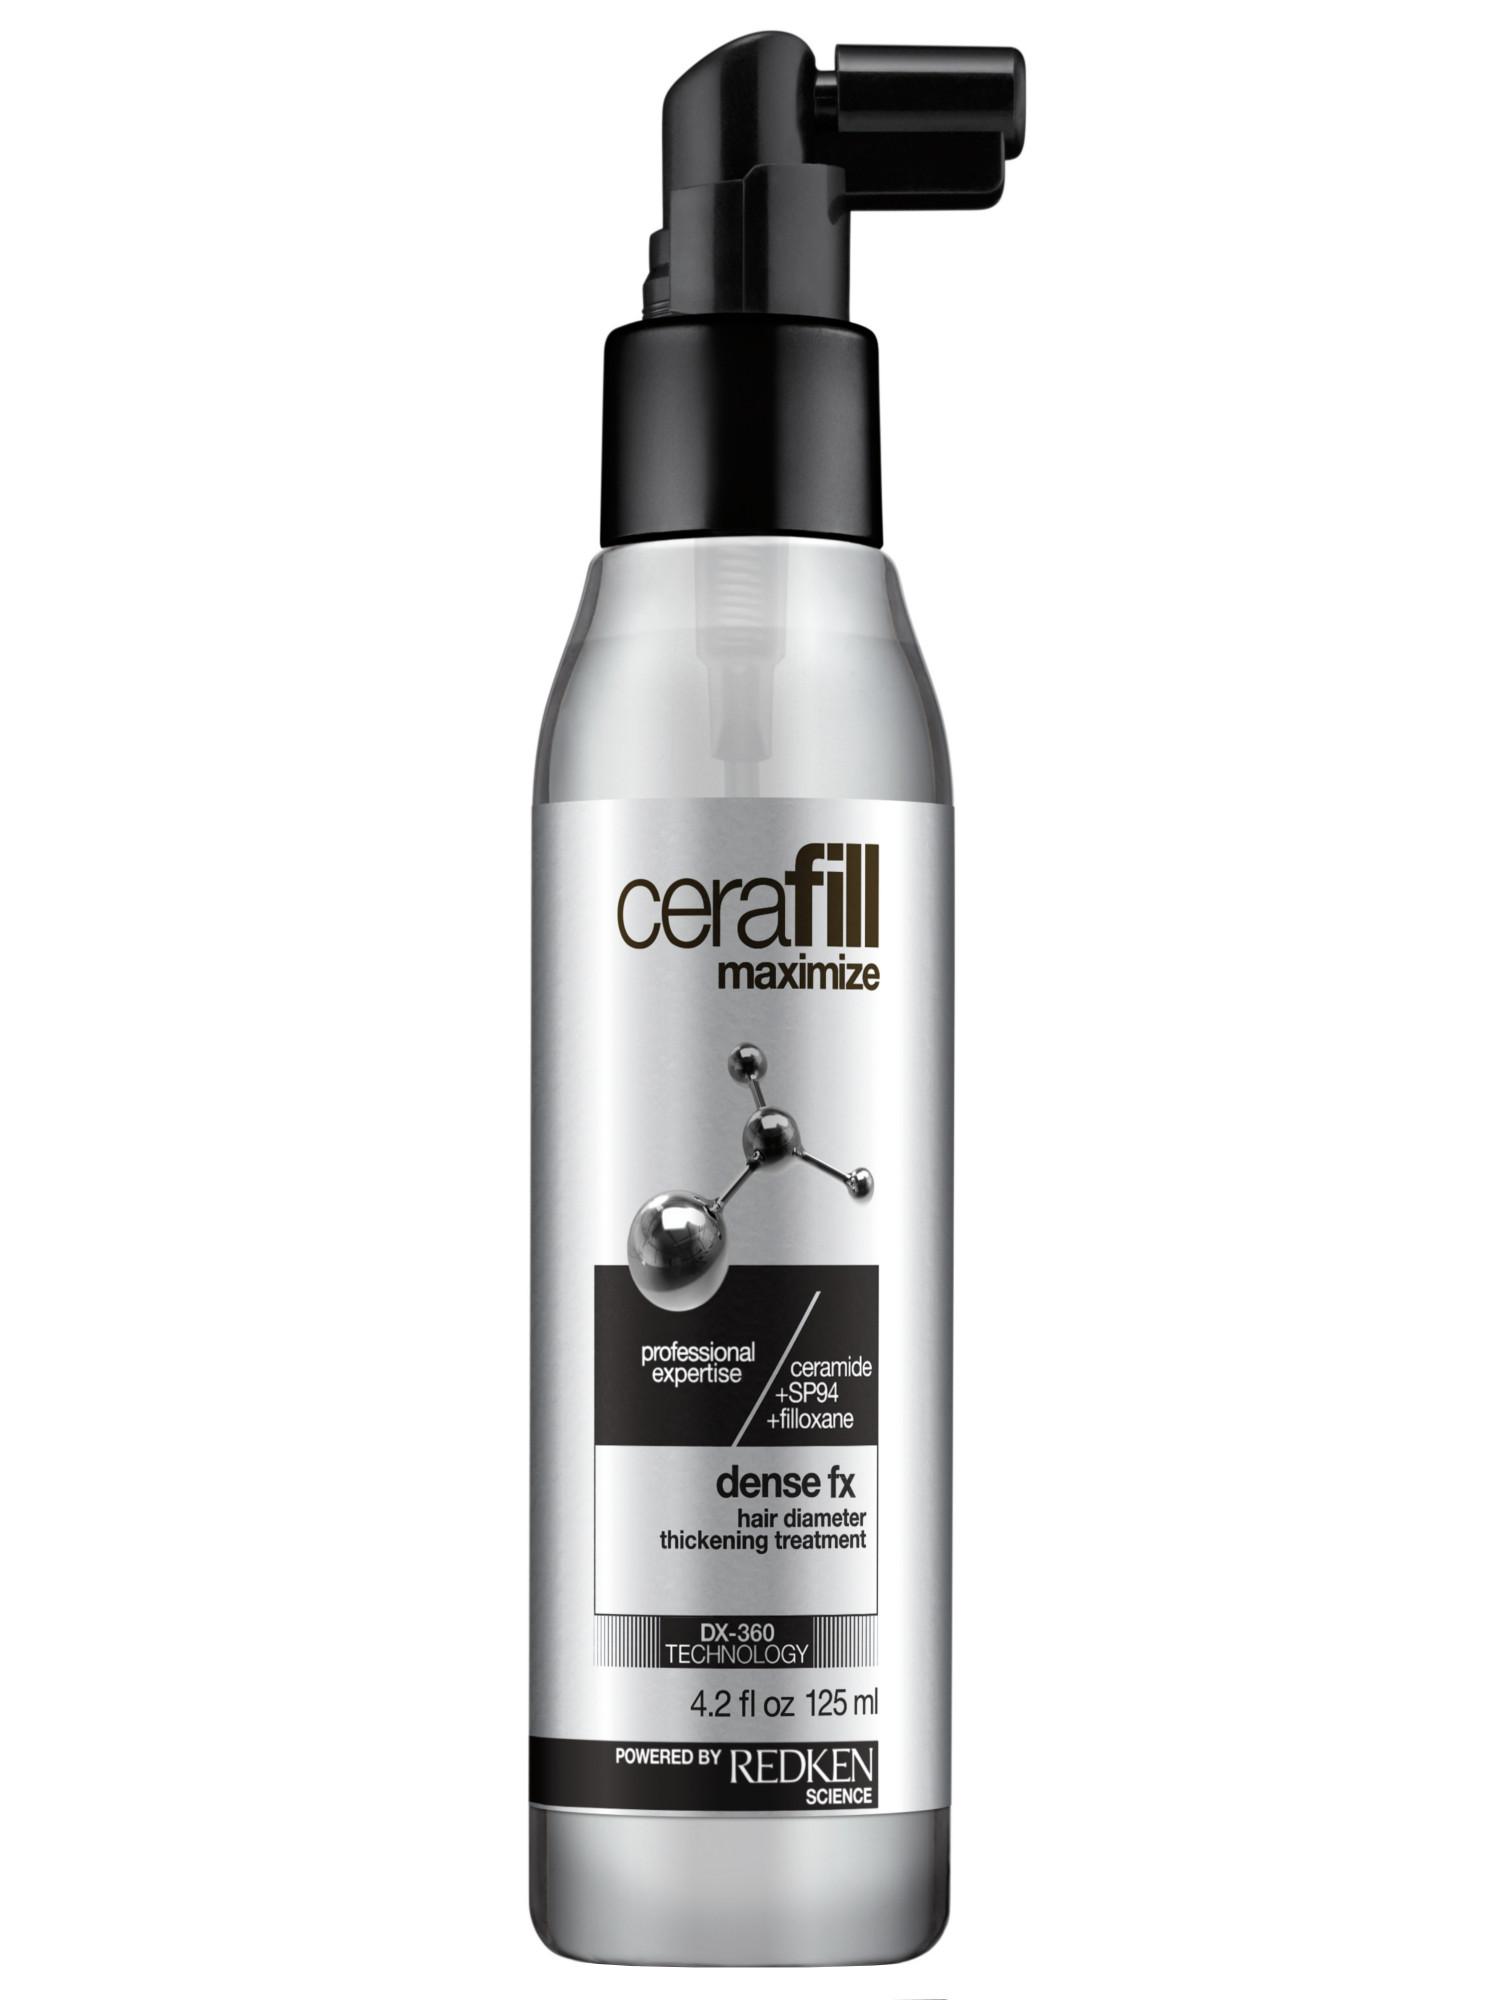 Kúra pro posílení vlasů Redken Cerafill Maximize Dense fx - 125 ml + DÁREK ZDARMA